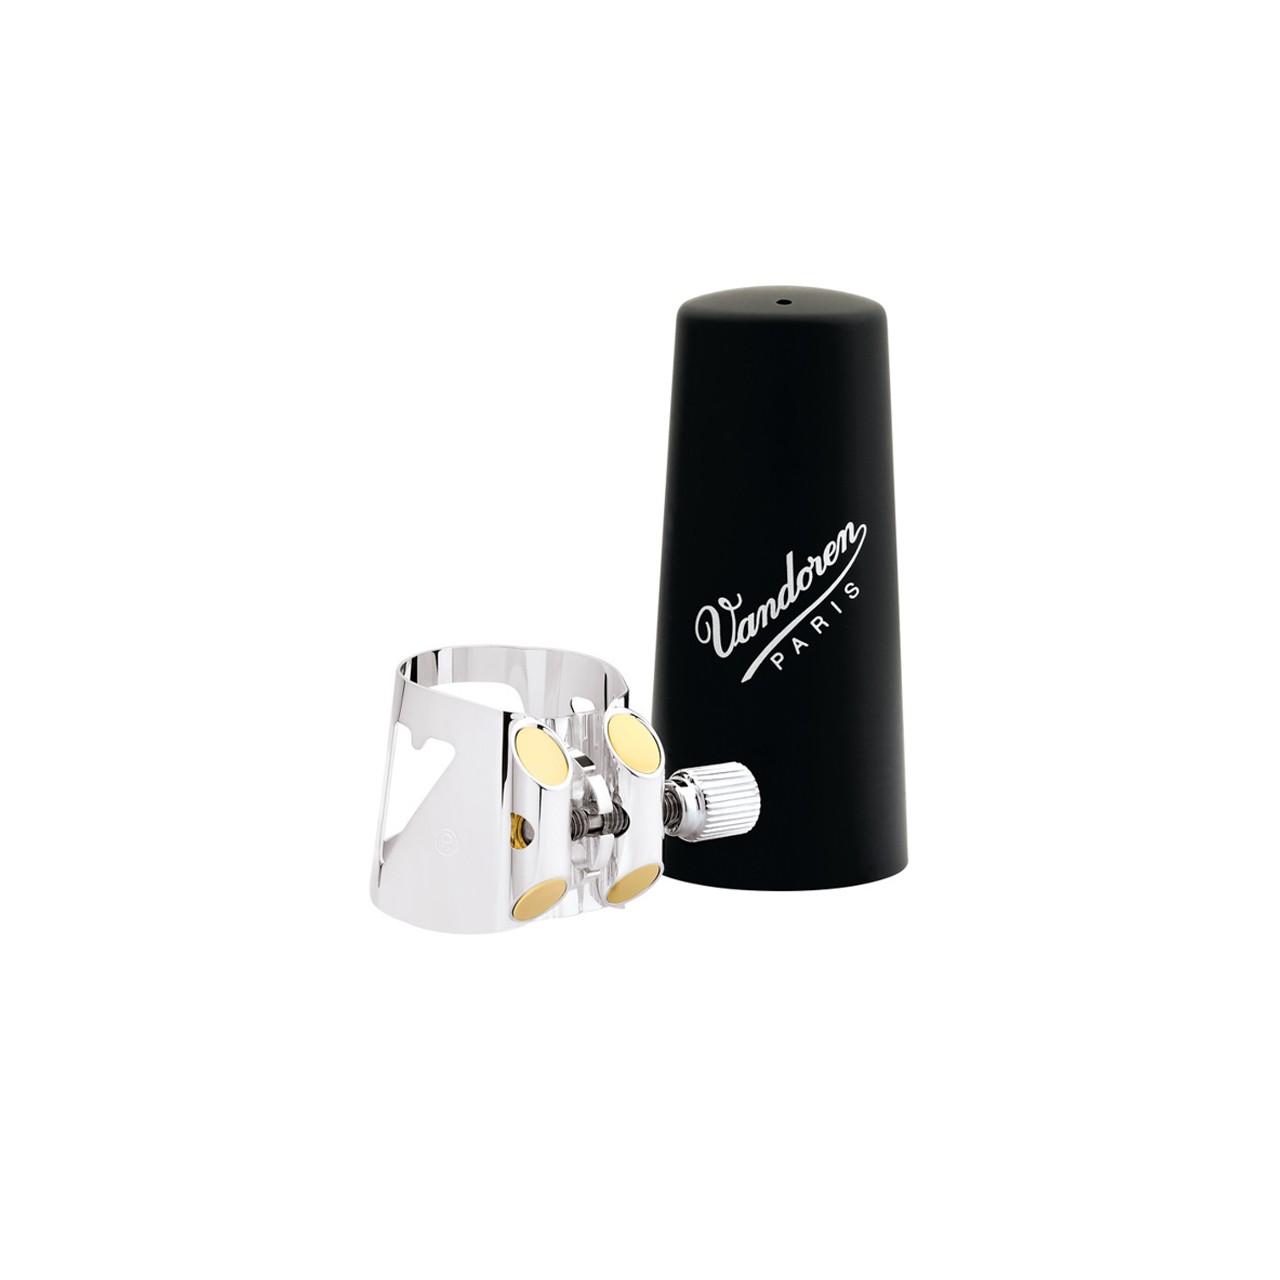 Bracadeira Optimum P/clarinete Sib C/cobre Boquilha Plastico Lc01p Vandoren